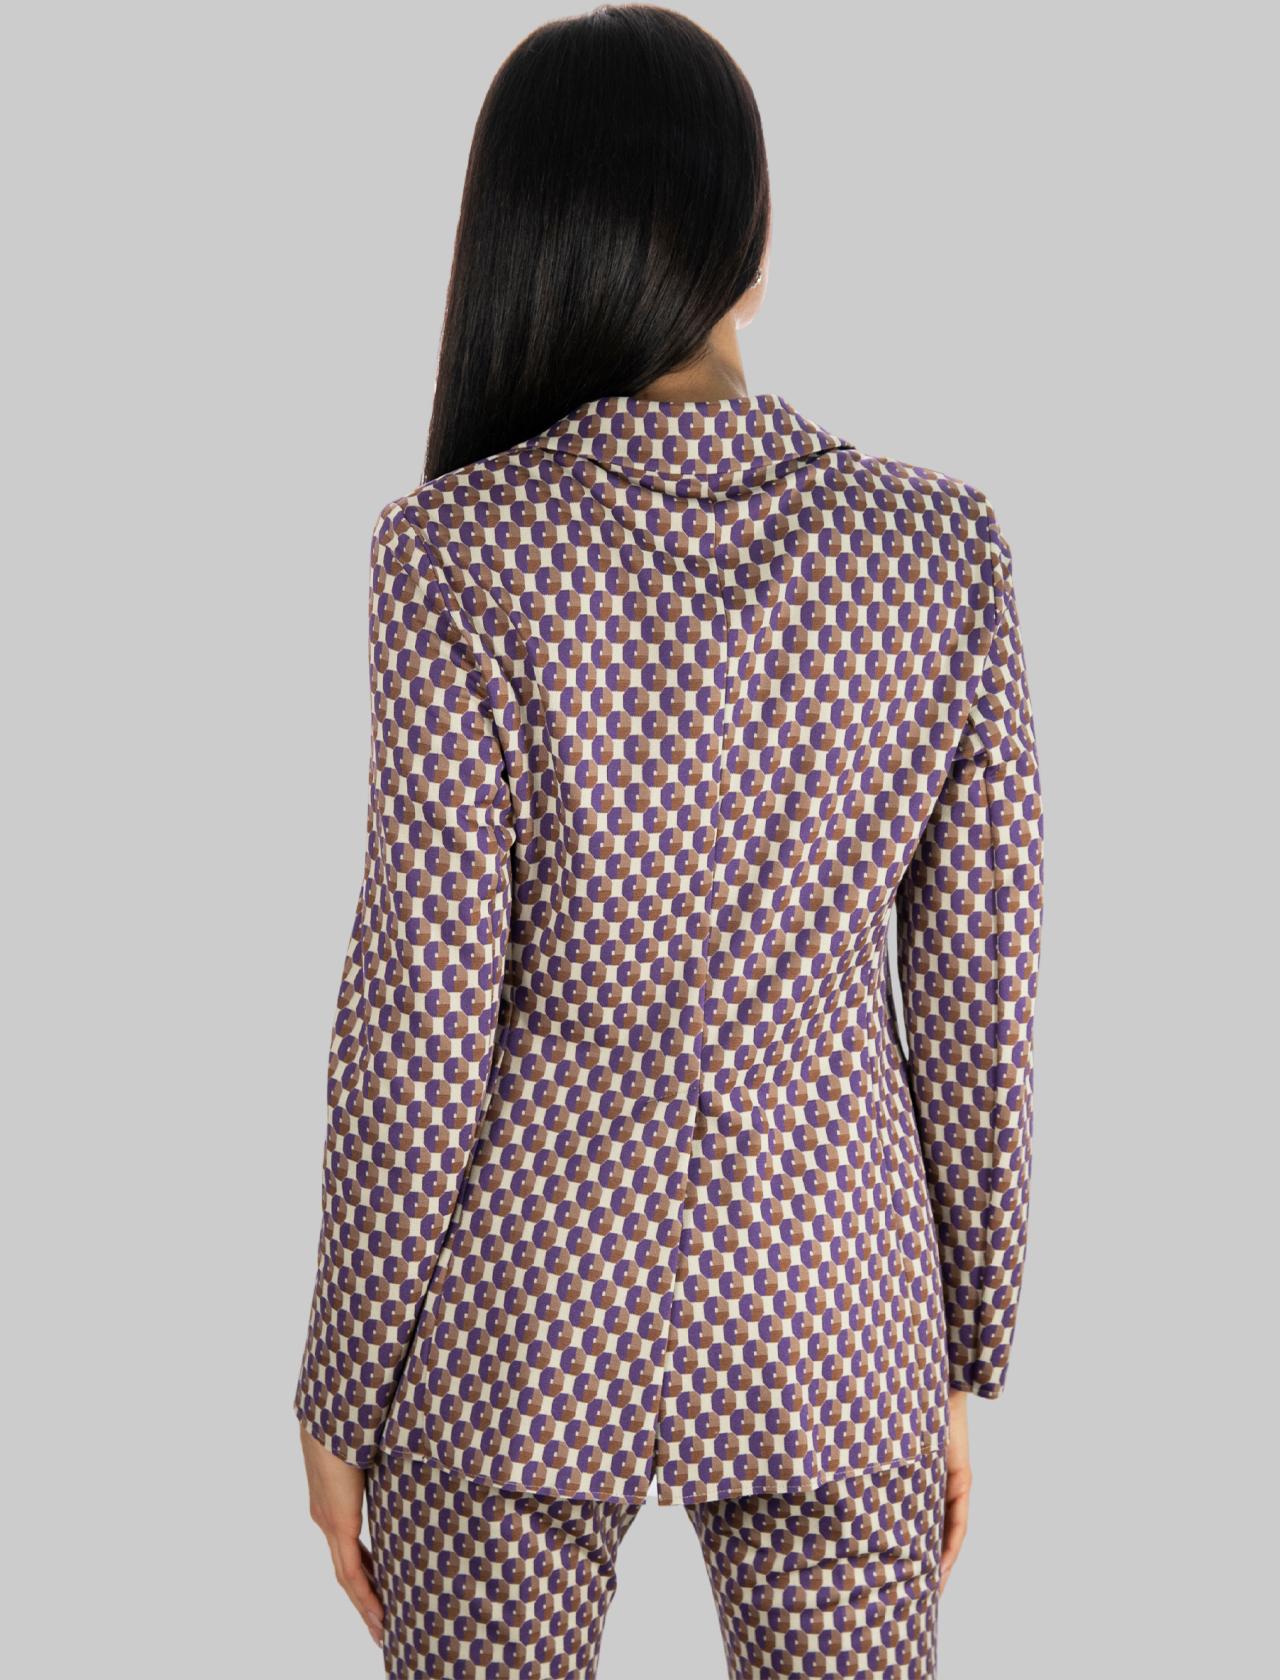 Abbigliamento Donna Giacca Geometric Jacquard a Due Bottoni in Beige e Viola Maliparmi | Giacche e giubbini | JD638060048B1236